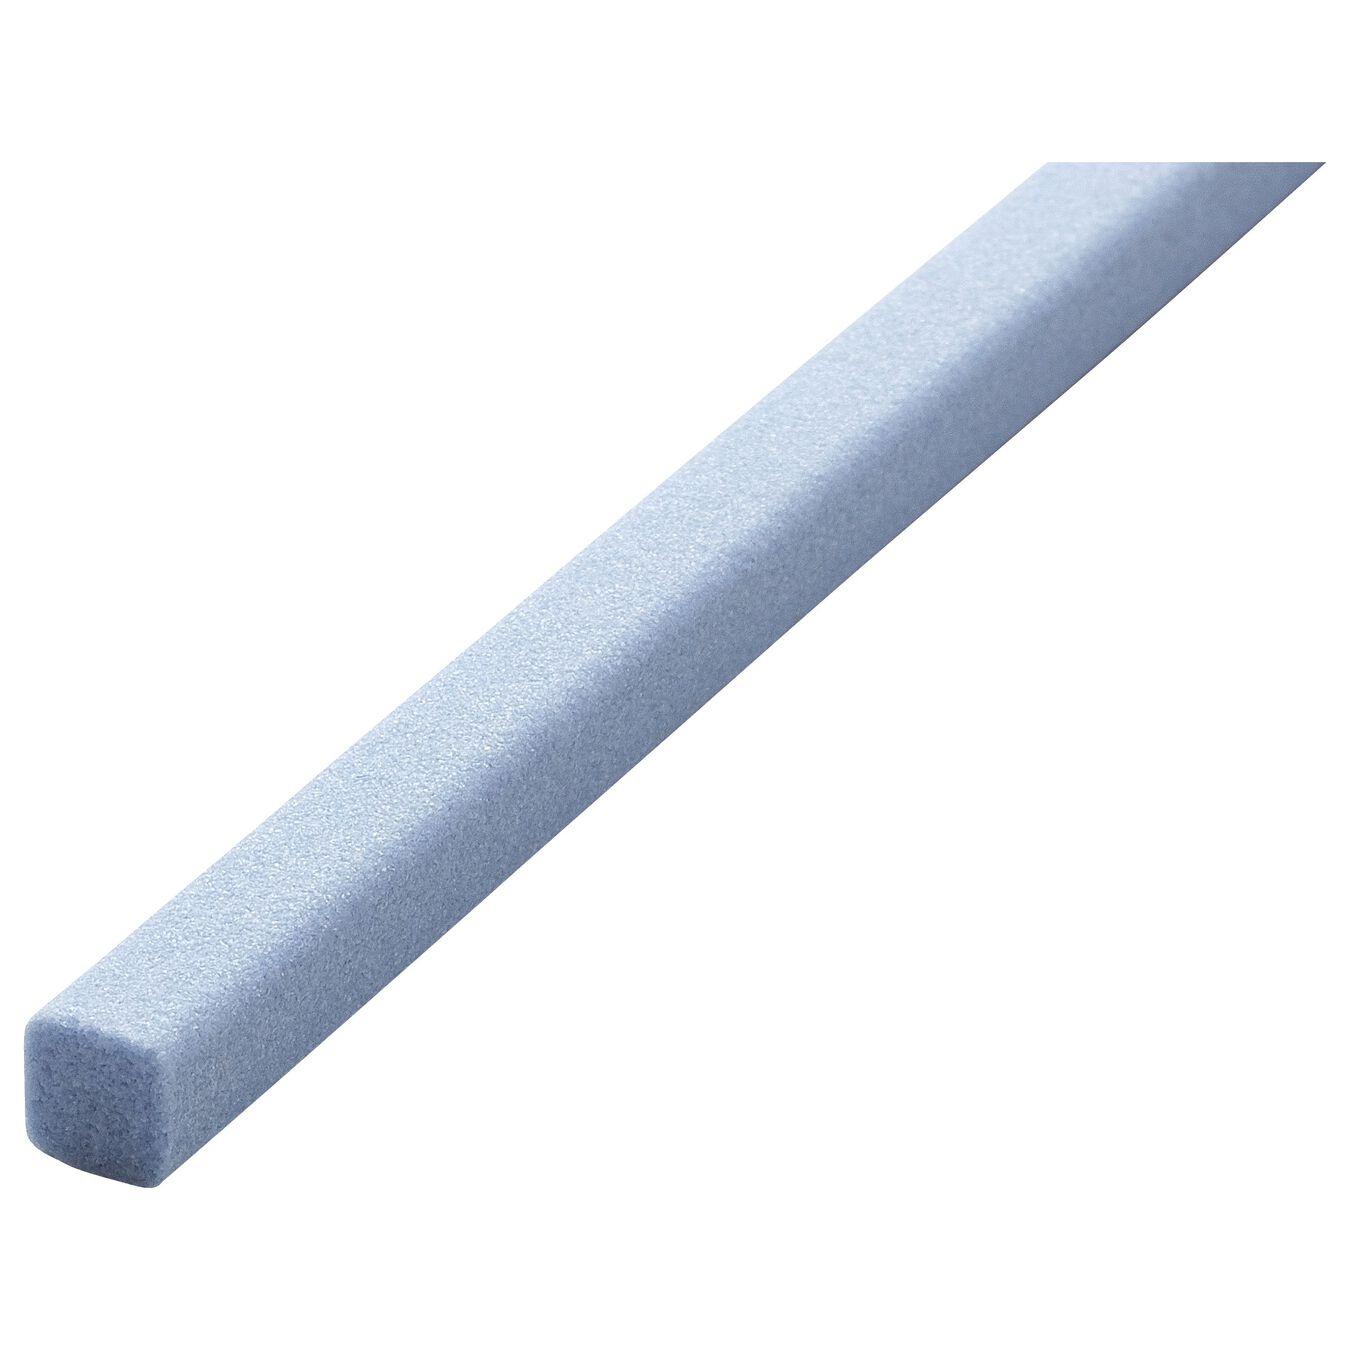 Hastes cerâmicas grão 150 - 2 un para afiador V-edge, 2 cm | Azul | Cerâmica,,large 2